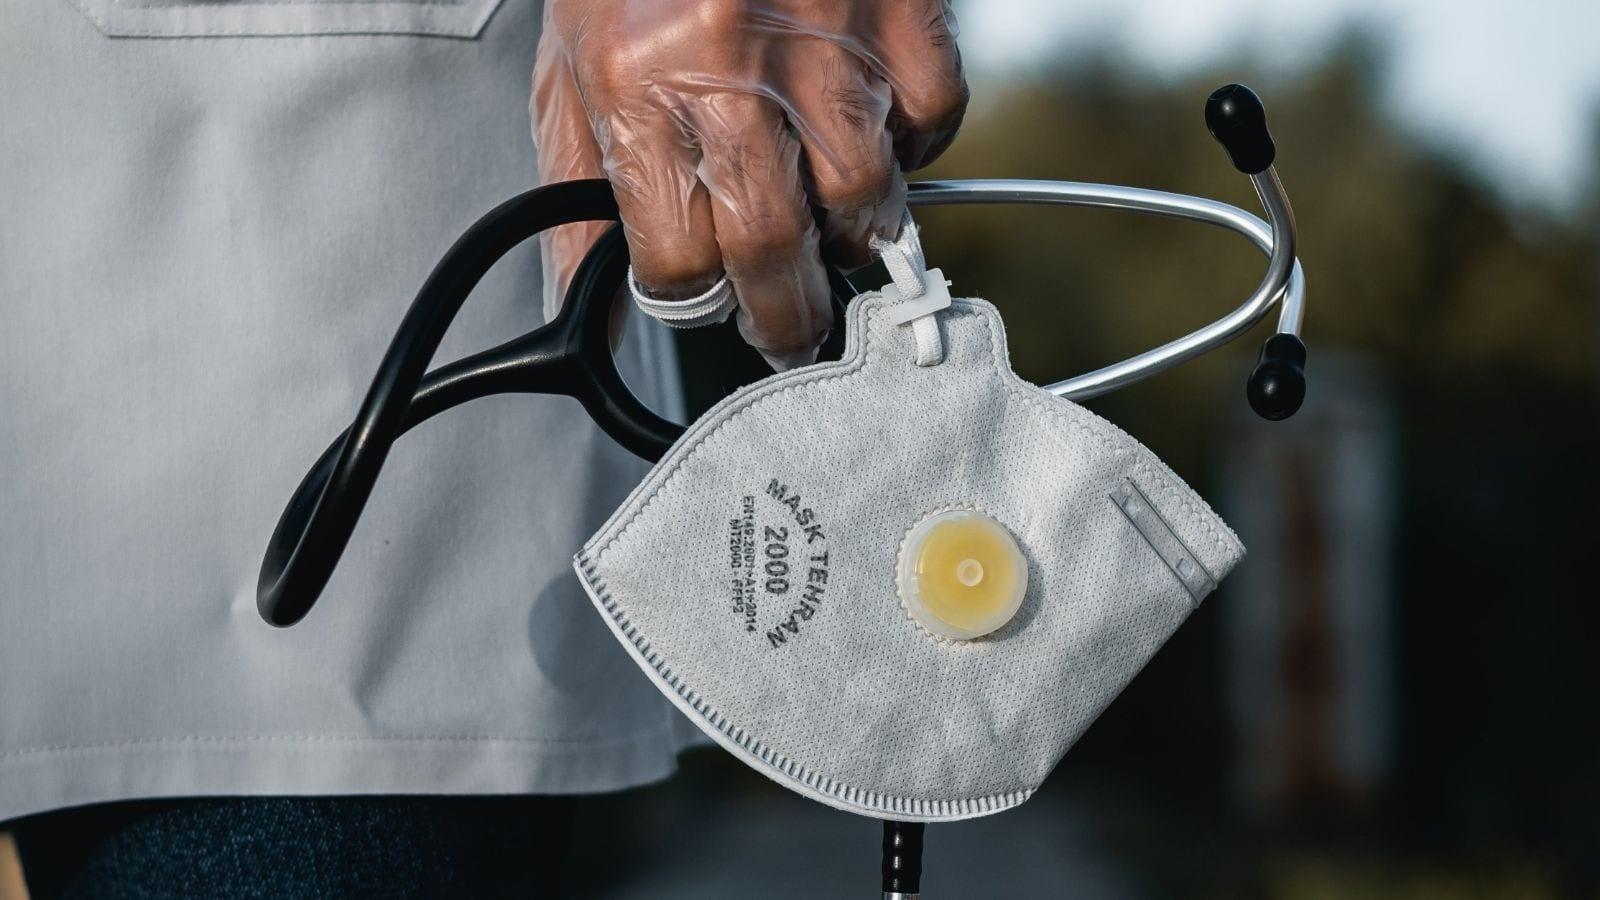 mediarun telemedycyna COVID-19 Te produkty z Polski będą ratowały życia ludzi na całym świecie